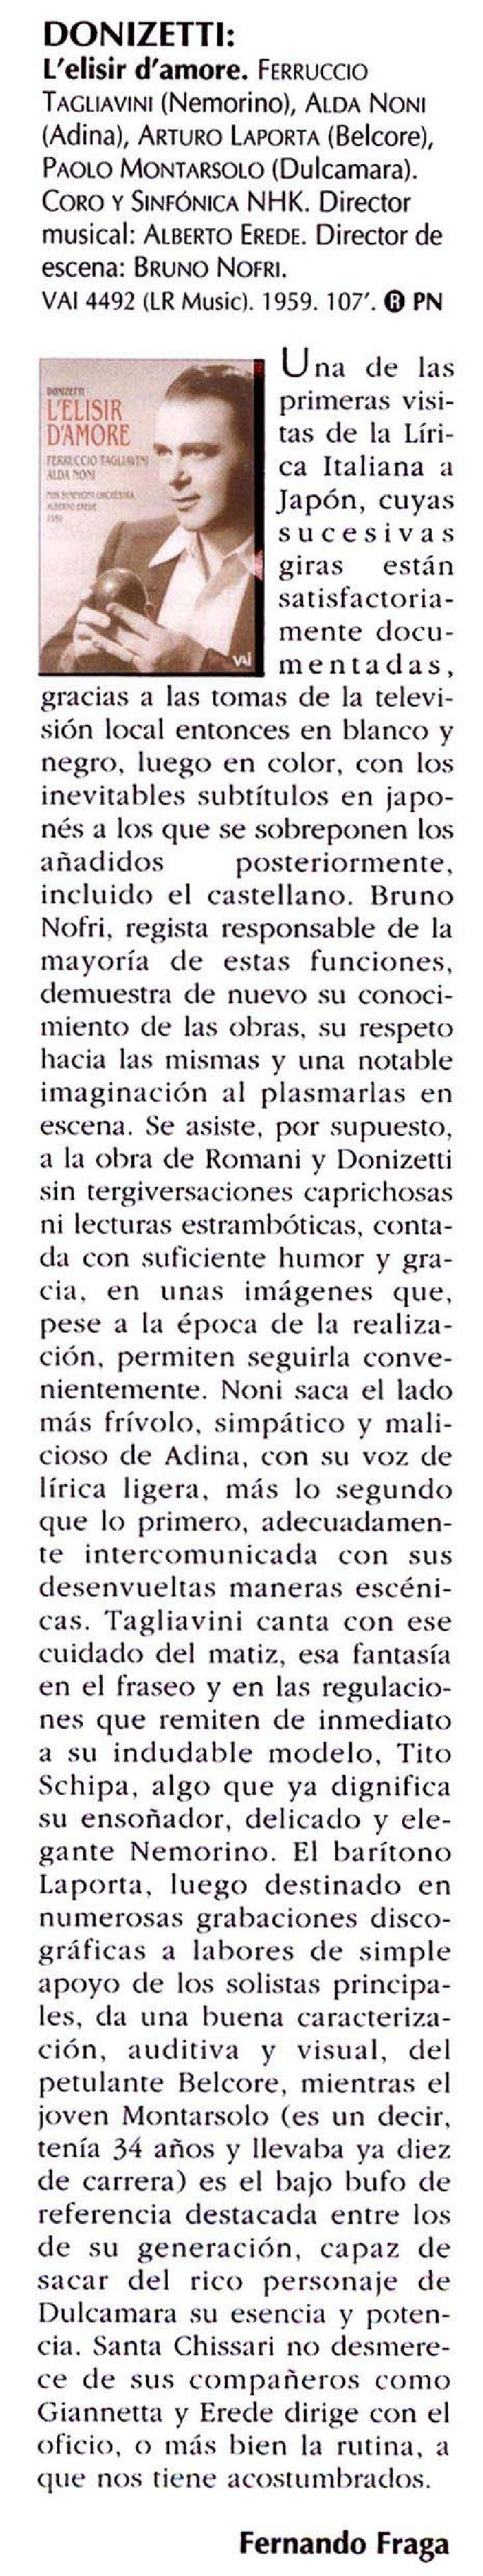 Art   Scherzo L Elisir 12.09